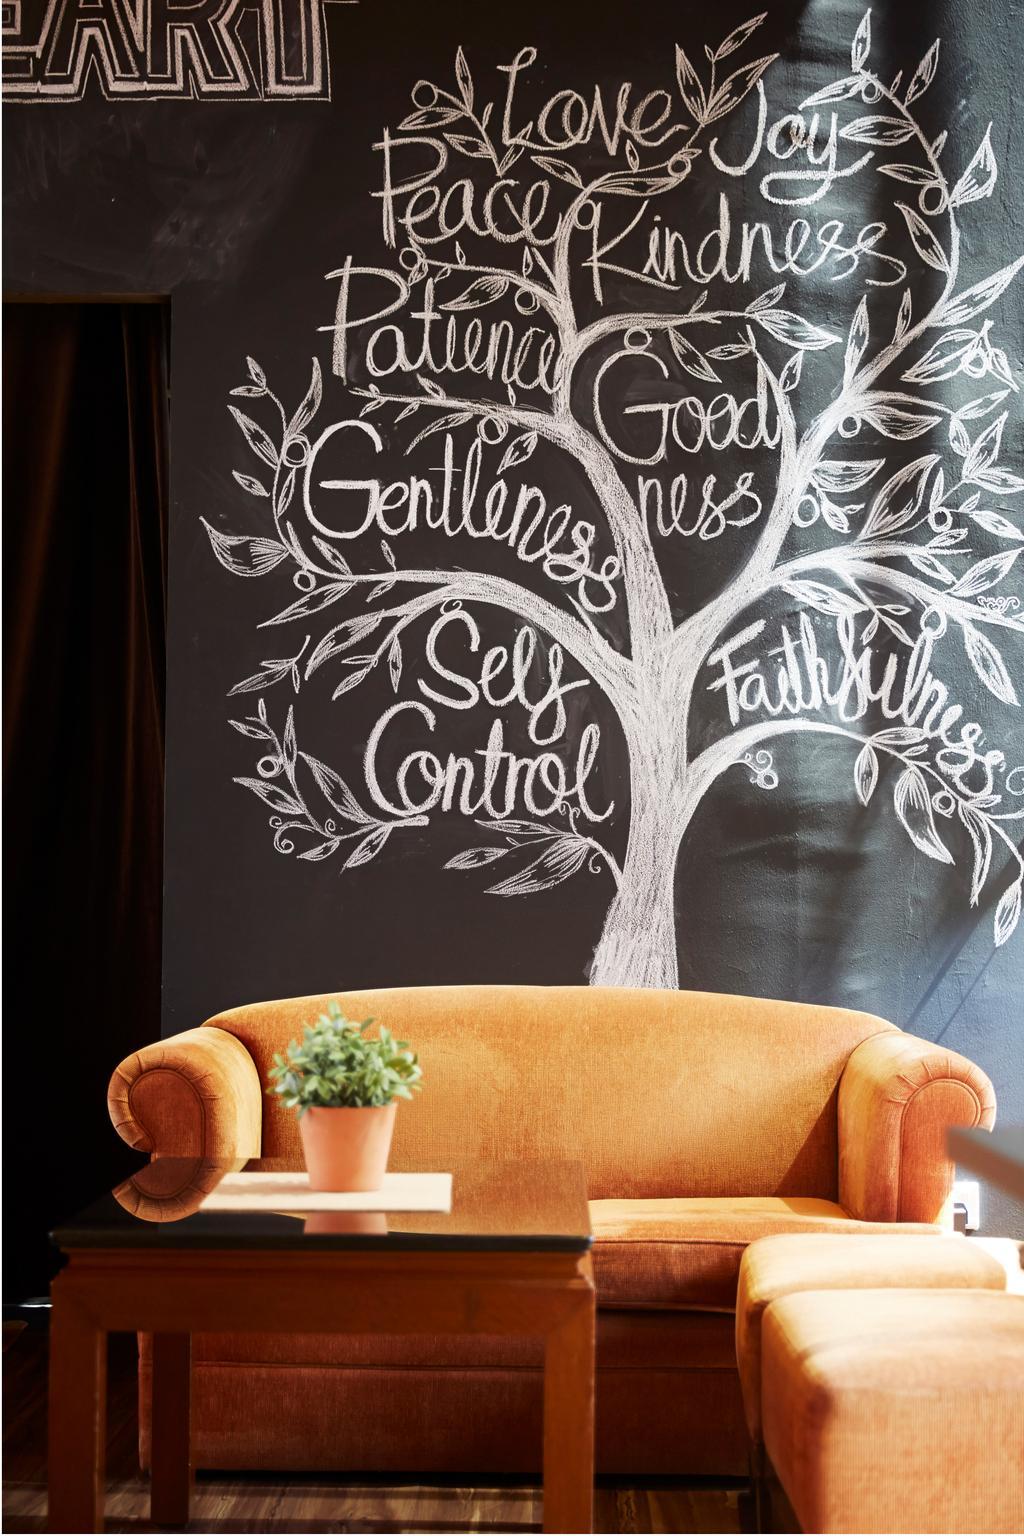 White Tangerine, Commercial, Interior Designer, Carpenters 匠, Contemporary, Couch, , Yellow Sofa, Sofa, Colours, Colourful, Colour Pop, Bright, Cheery, Plant, Plant Decor, Chalkboard, Decor, Ottoman